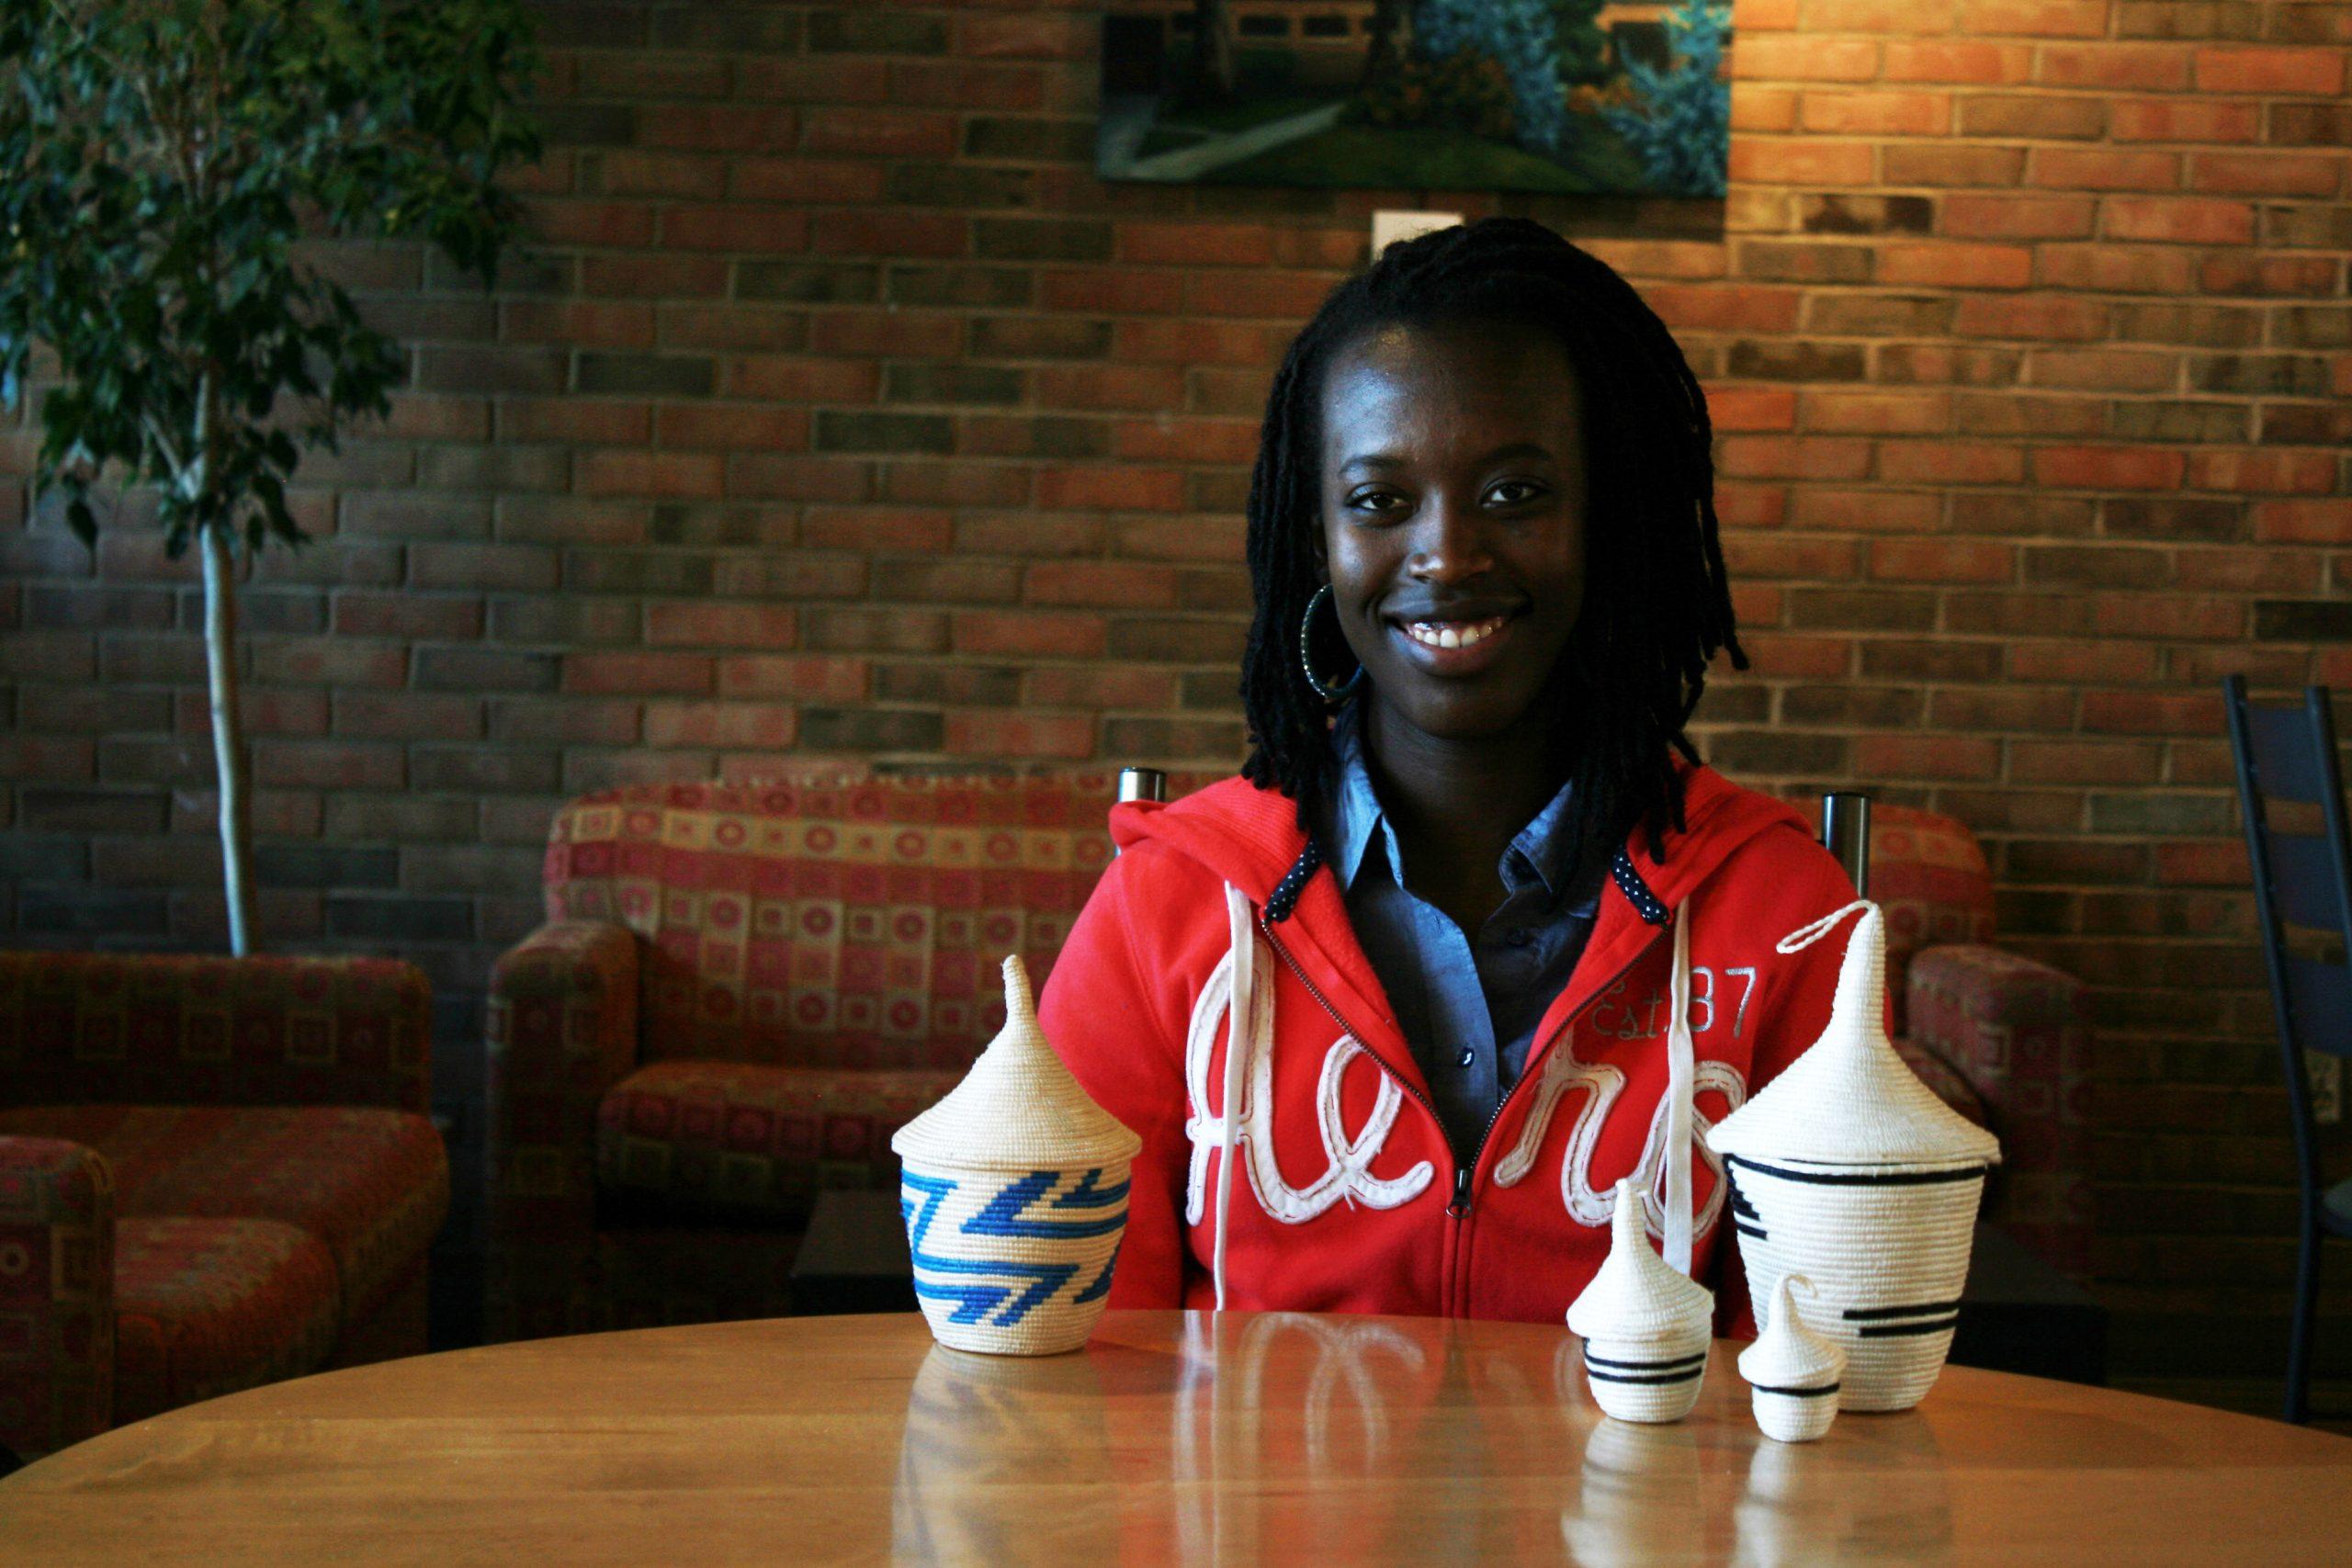 Portrait of Sandrine Uwase Sandrali